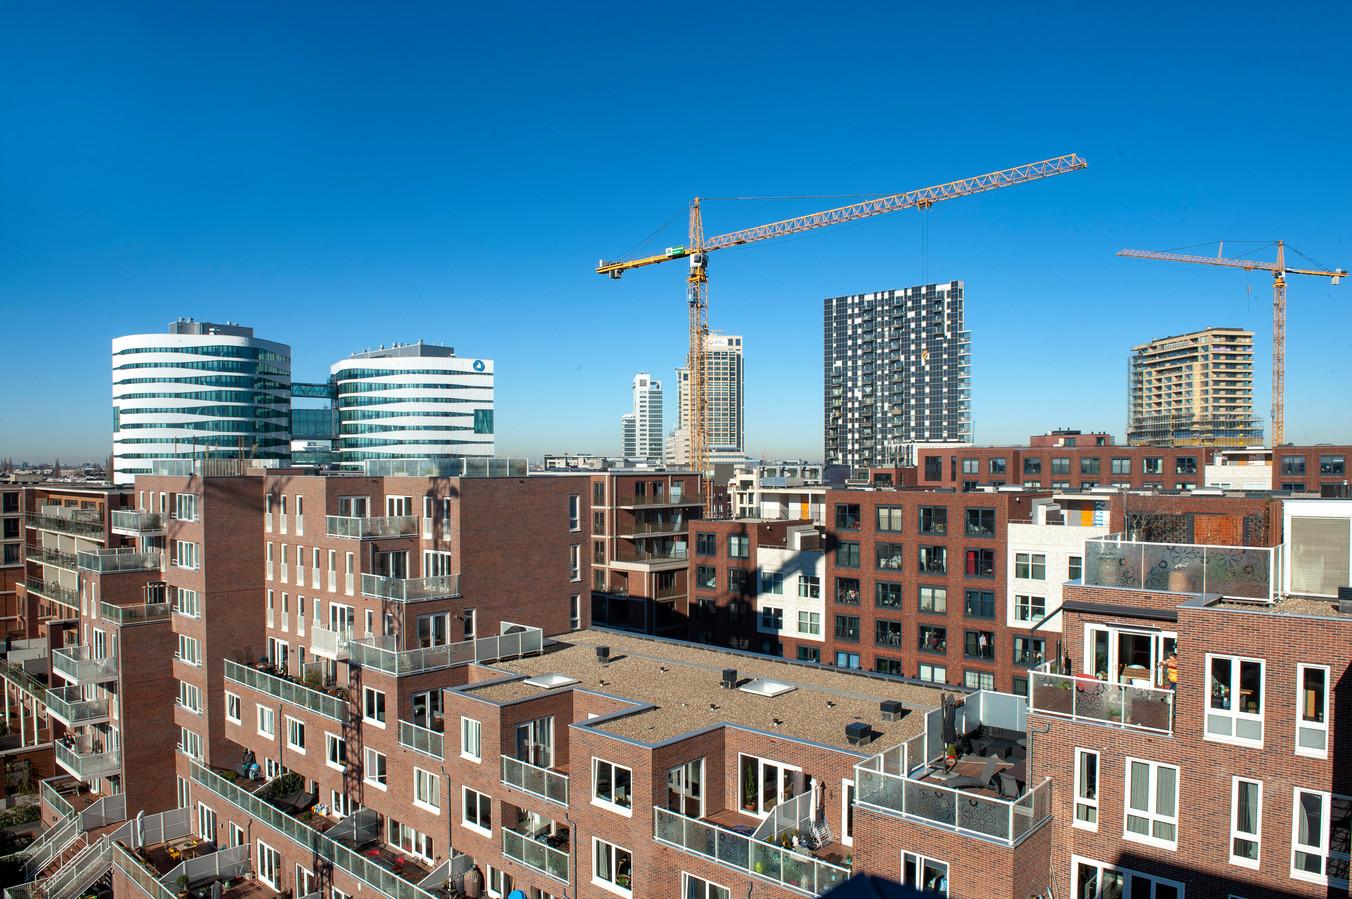 Appartementen in Amsterdam.